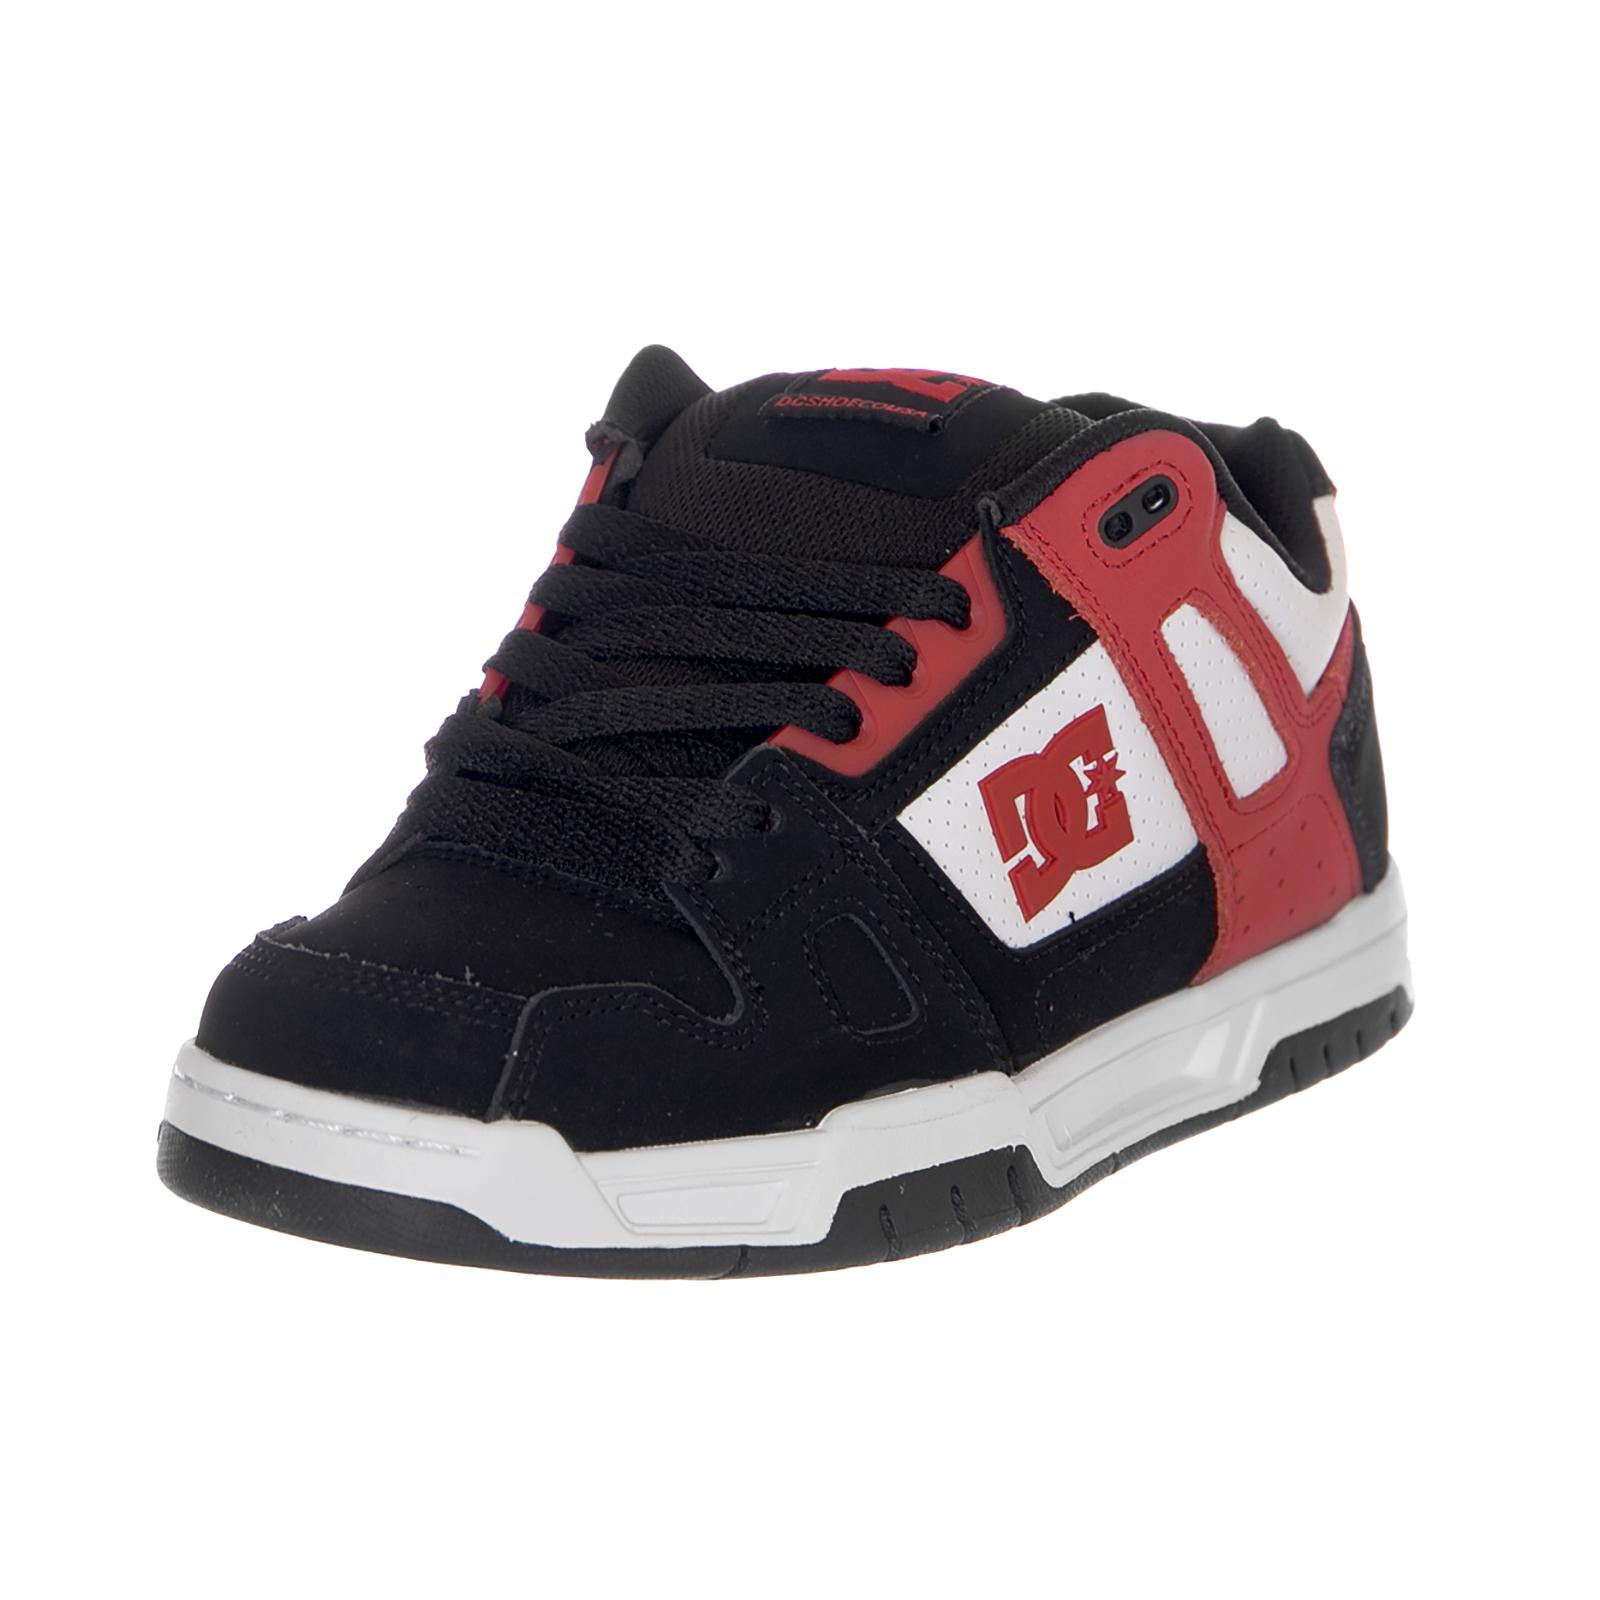 uk availability 3b42e e410c Dettagli su Dc Sneakers Dc Shoes Stag Multicolor